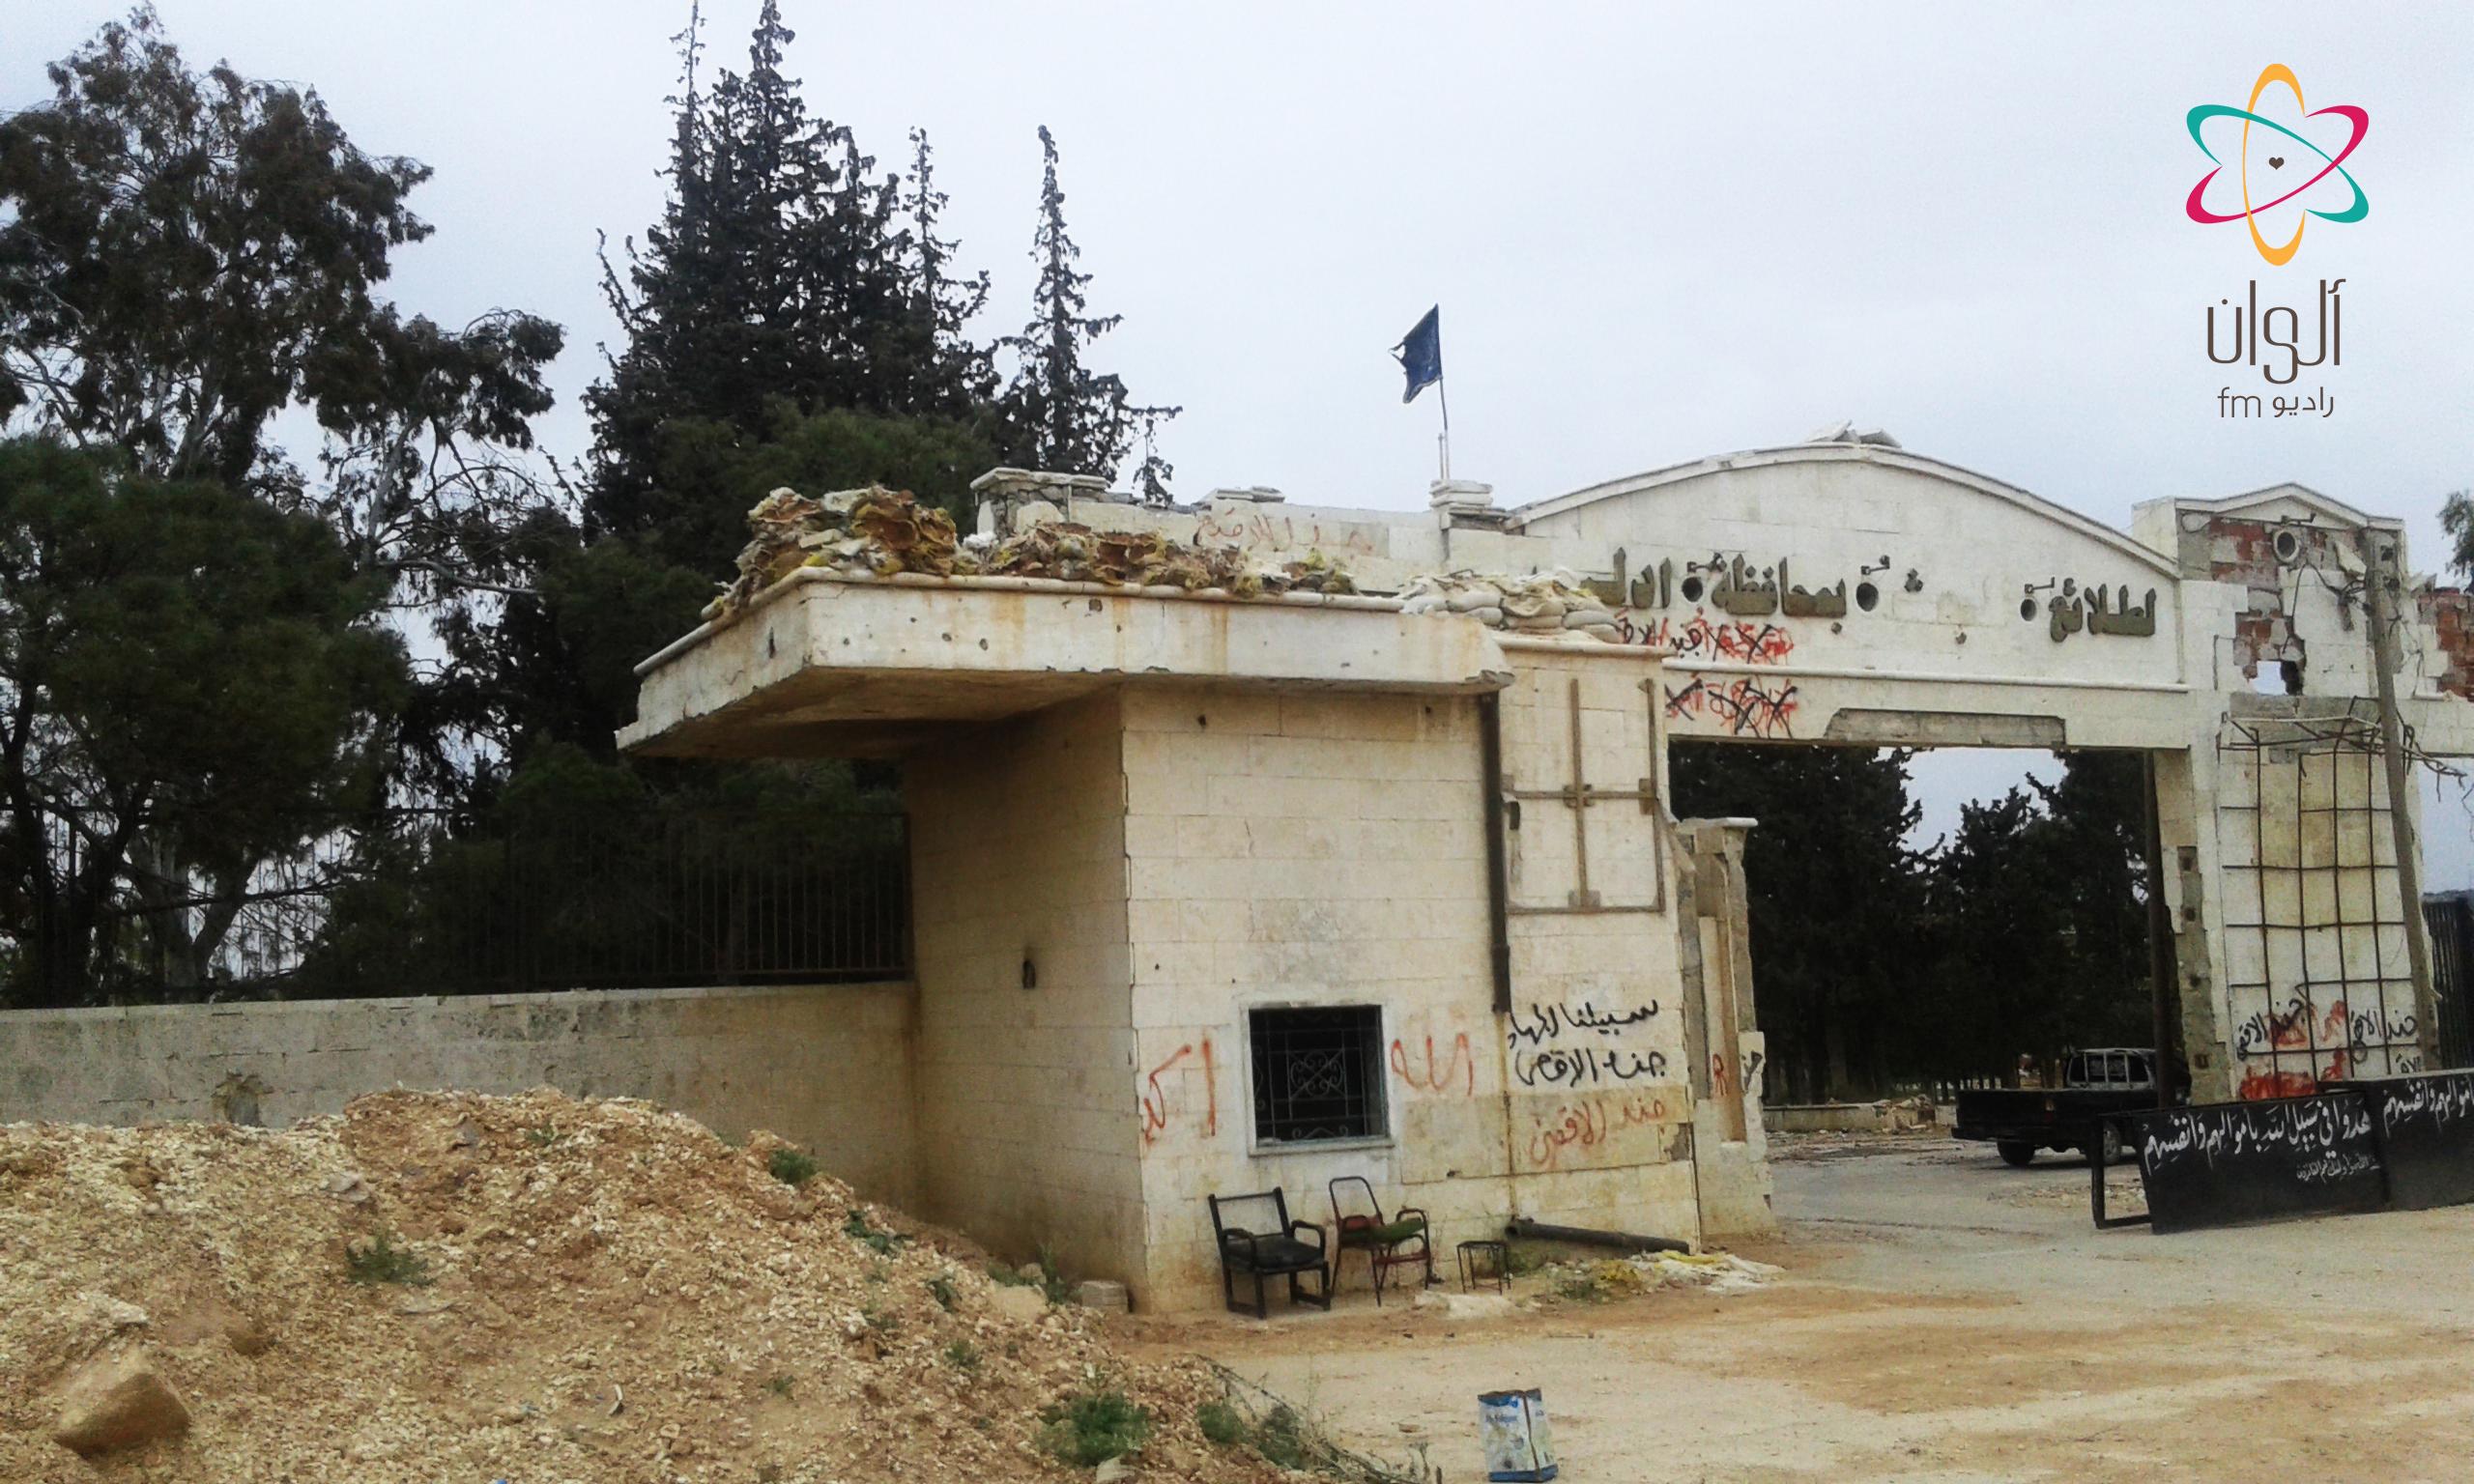 معسكر المسطومة بريف إدلب/5 أيار 2016/بعدسة أبو العلاء الحلبي مراسل راديو ألوان في حلب وريفها.